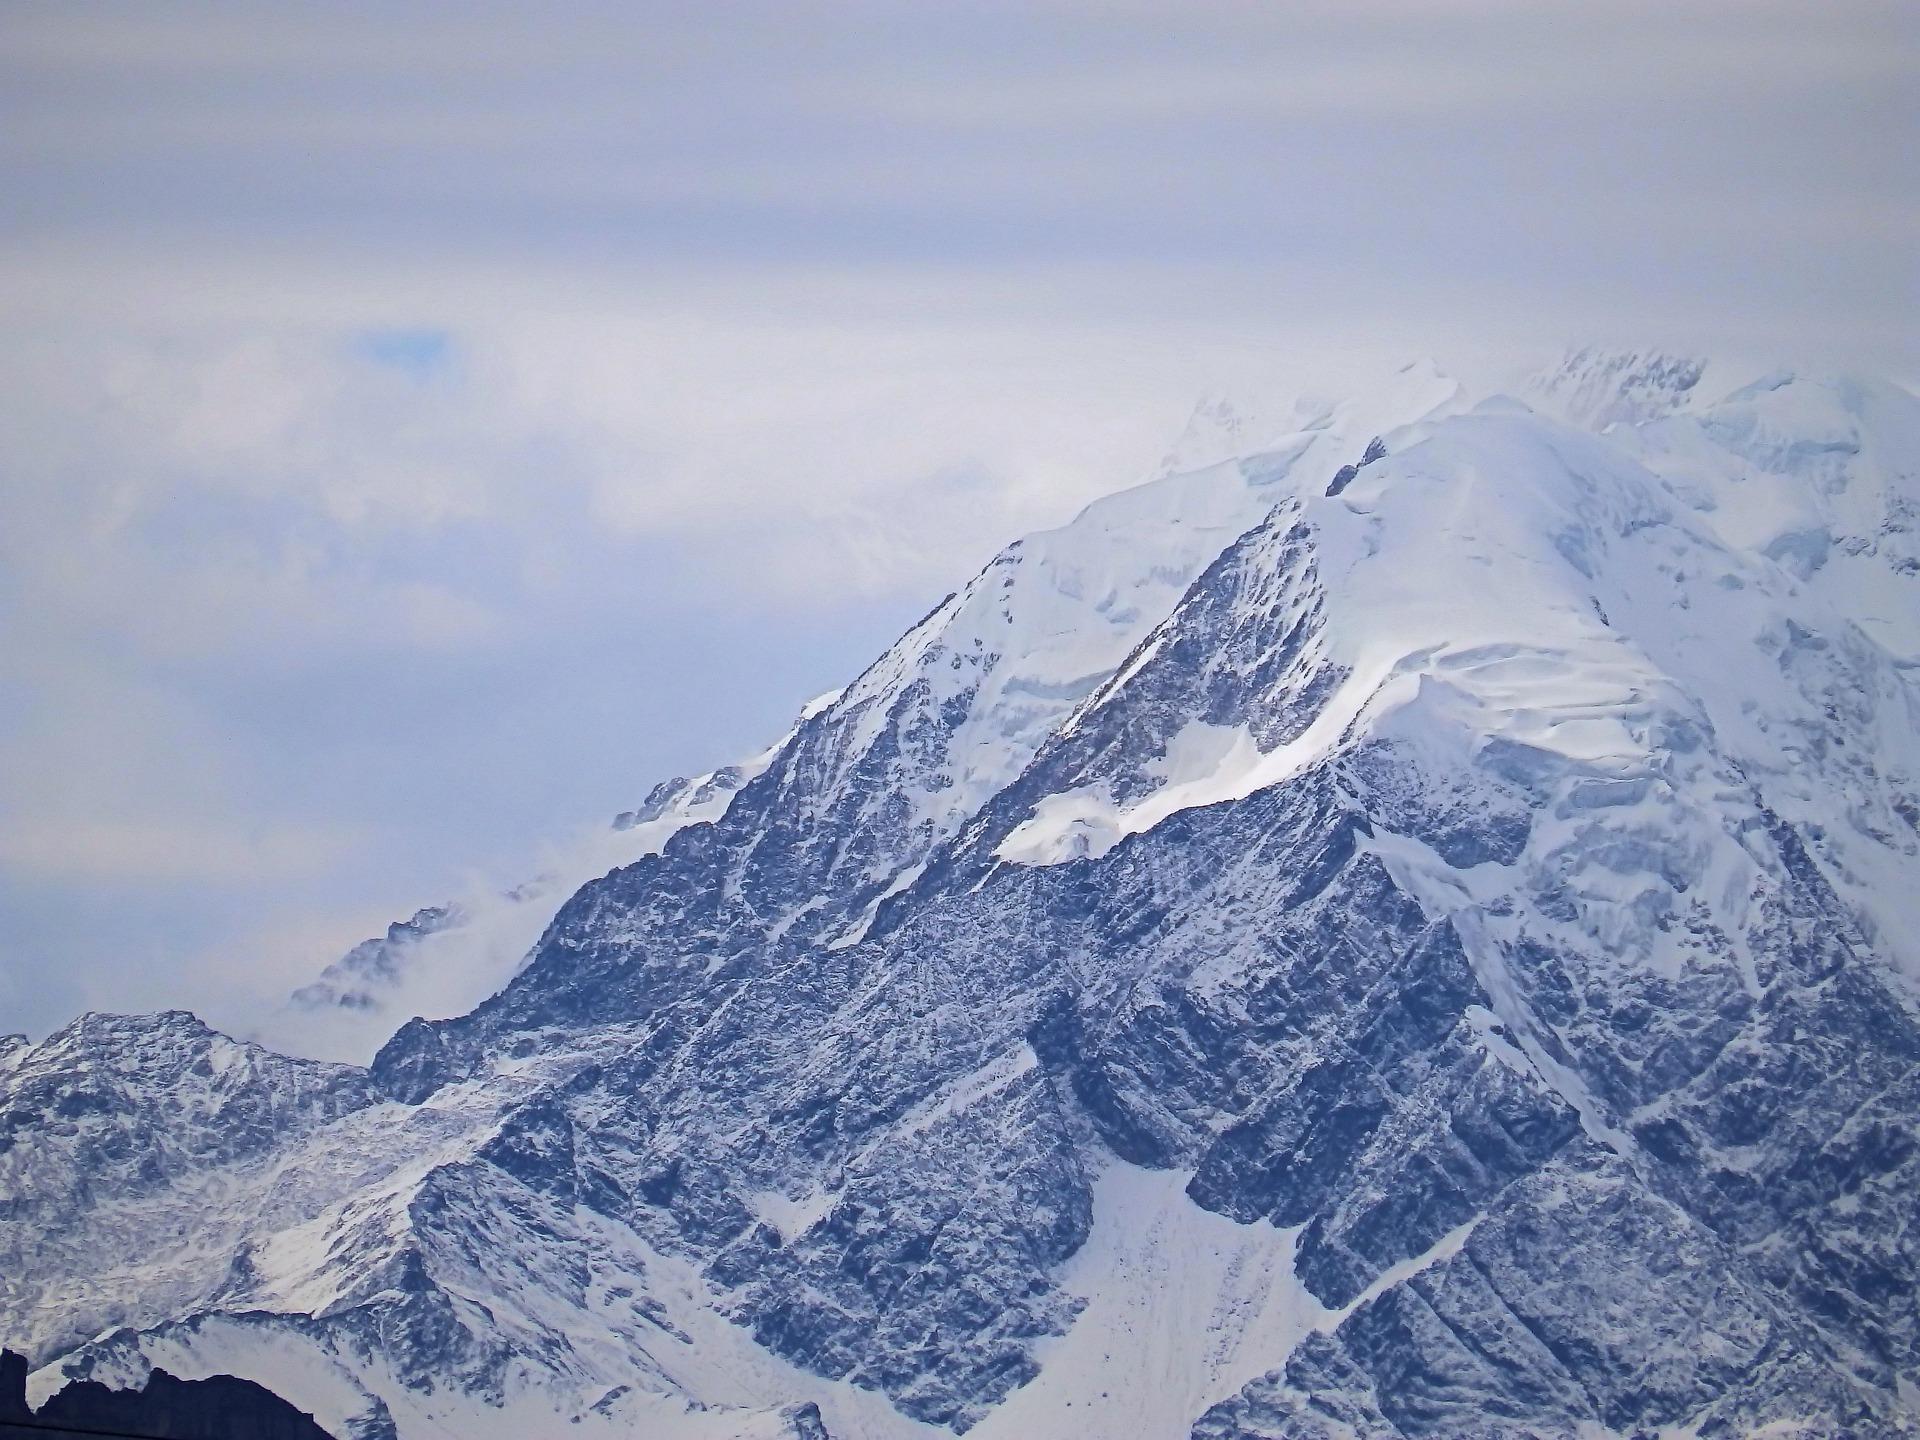 mountain-4546272_1920-2